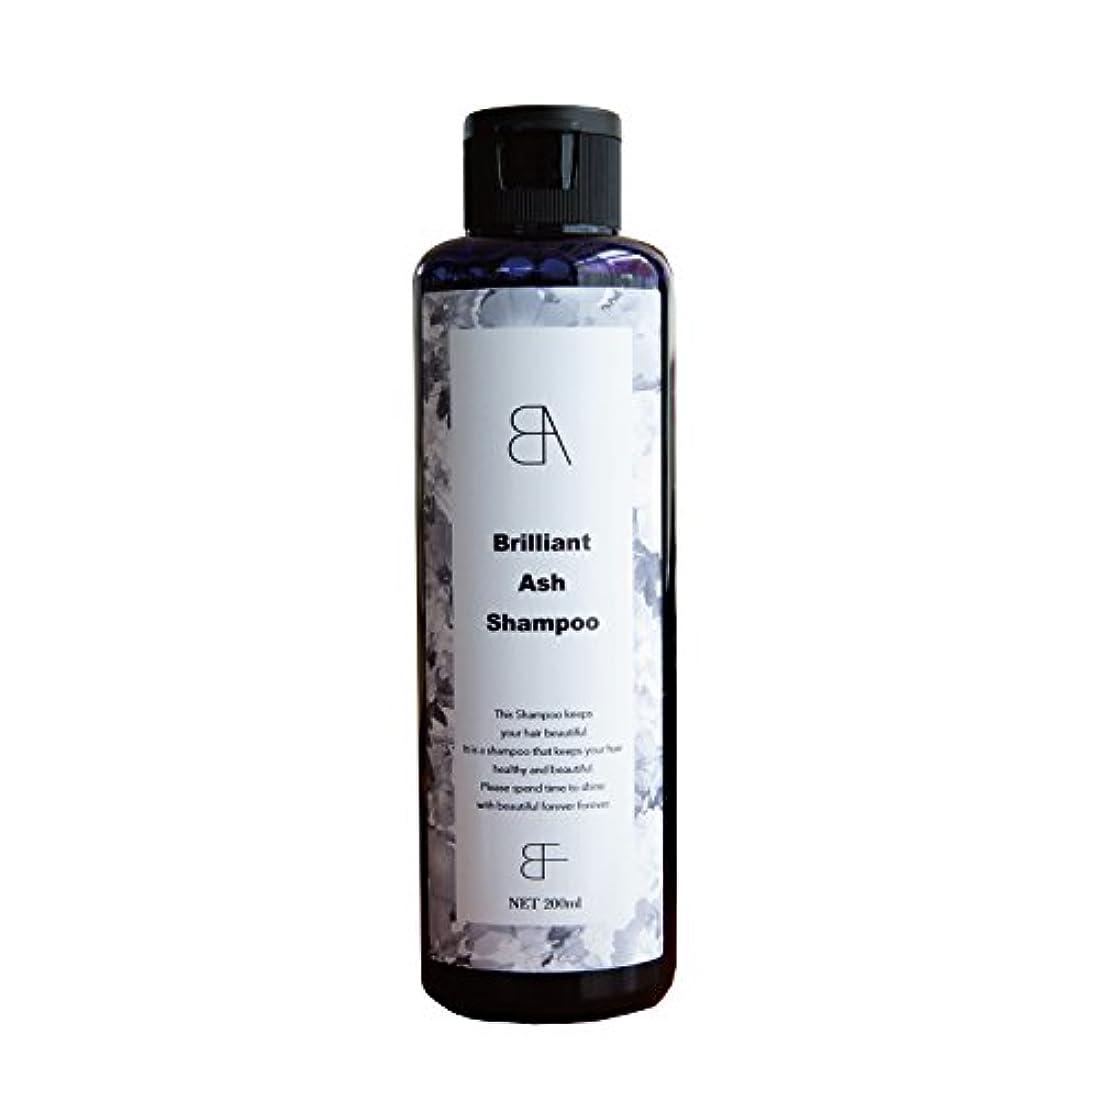 財布求めるオンBrilliant Ash Shampoo(ブリリアント アッシュ シャンプー) カラーシャンプー シルバーシャンプー 200ml (サロン専売商品)